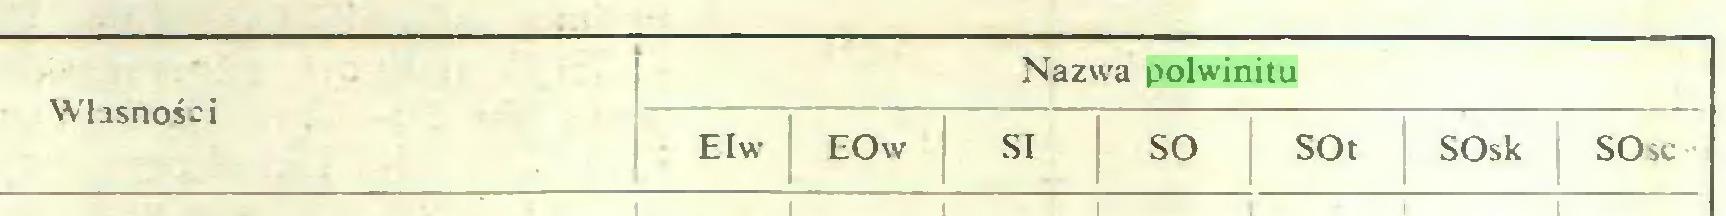 (...) Własności Nazwa polwinitu EIw EOw ! SI SO SOt SOsk SOsc...